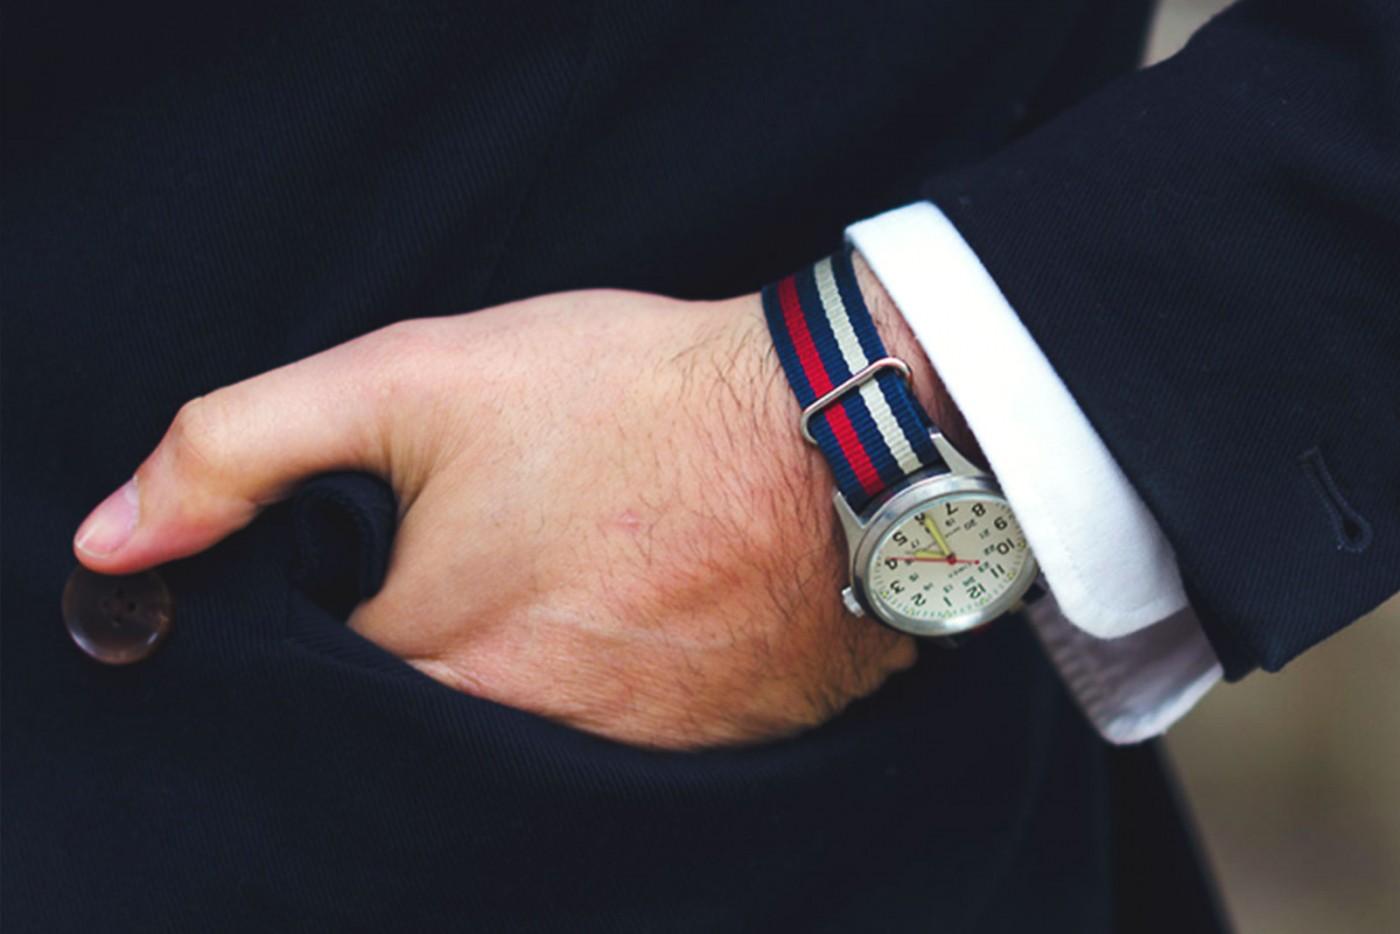 Concours « Nato » : 5 bracelets à gagner